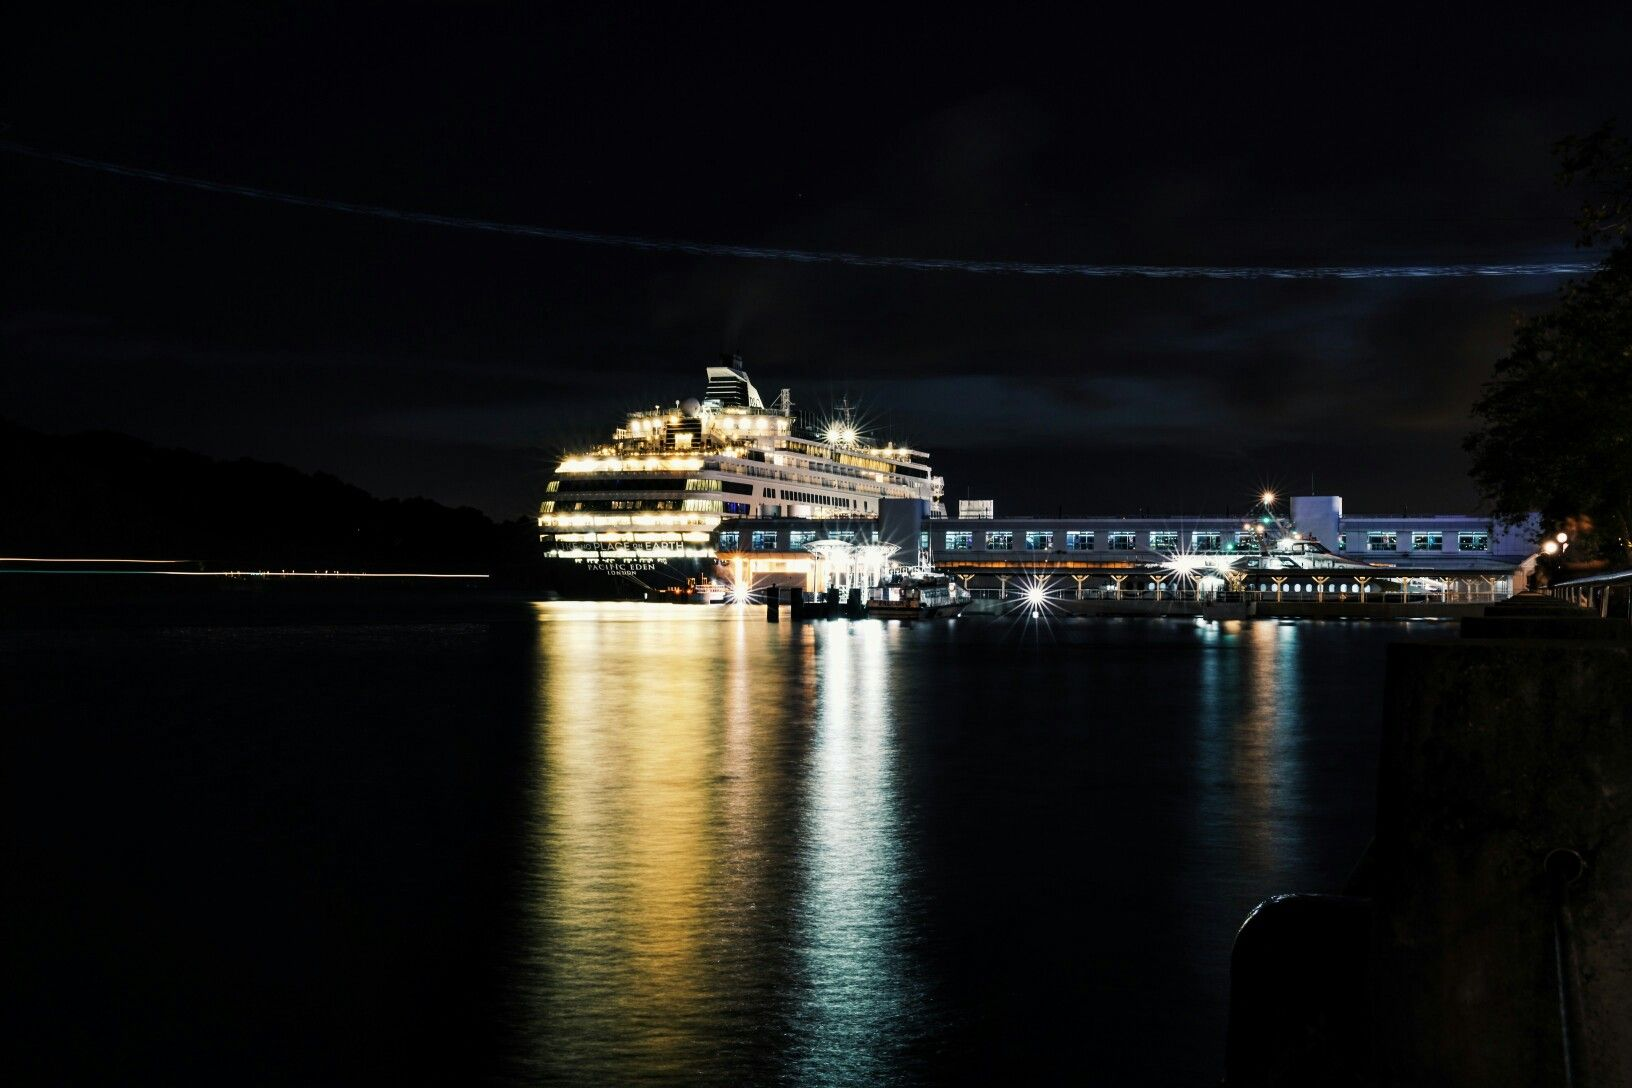 Ship, night scene, reflection